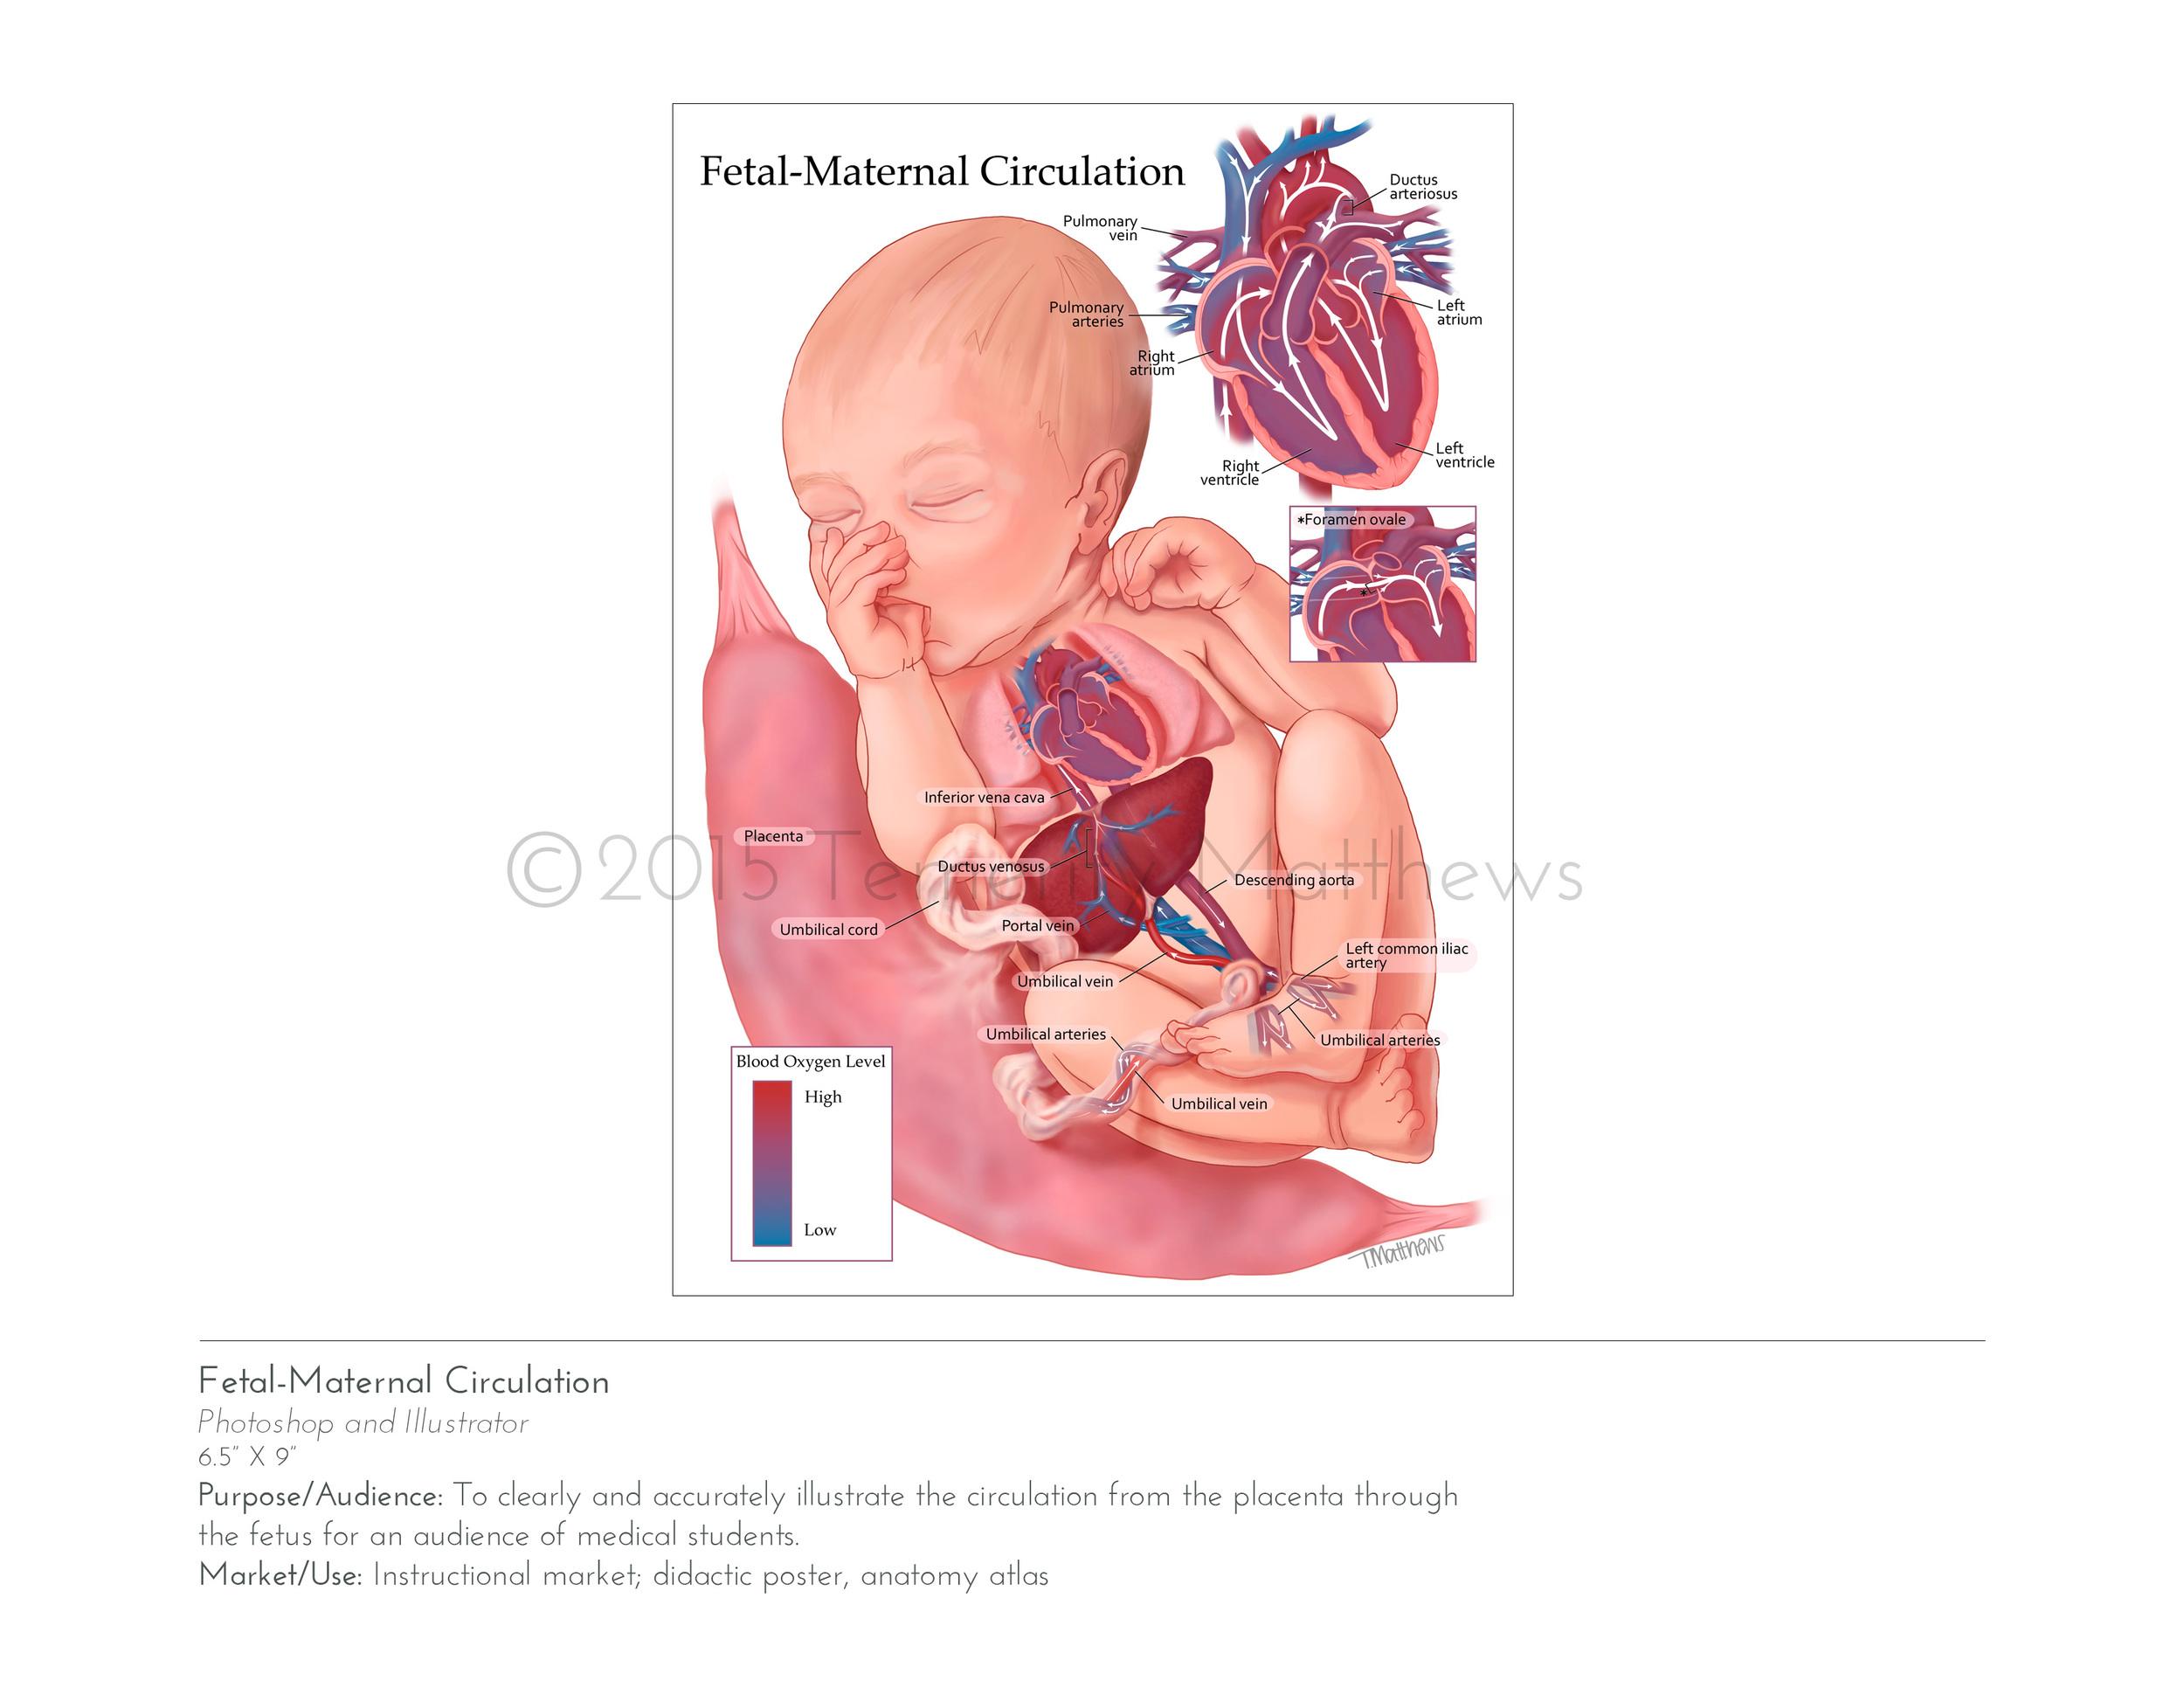 fetalmaternal.jpg